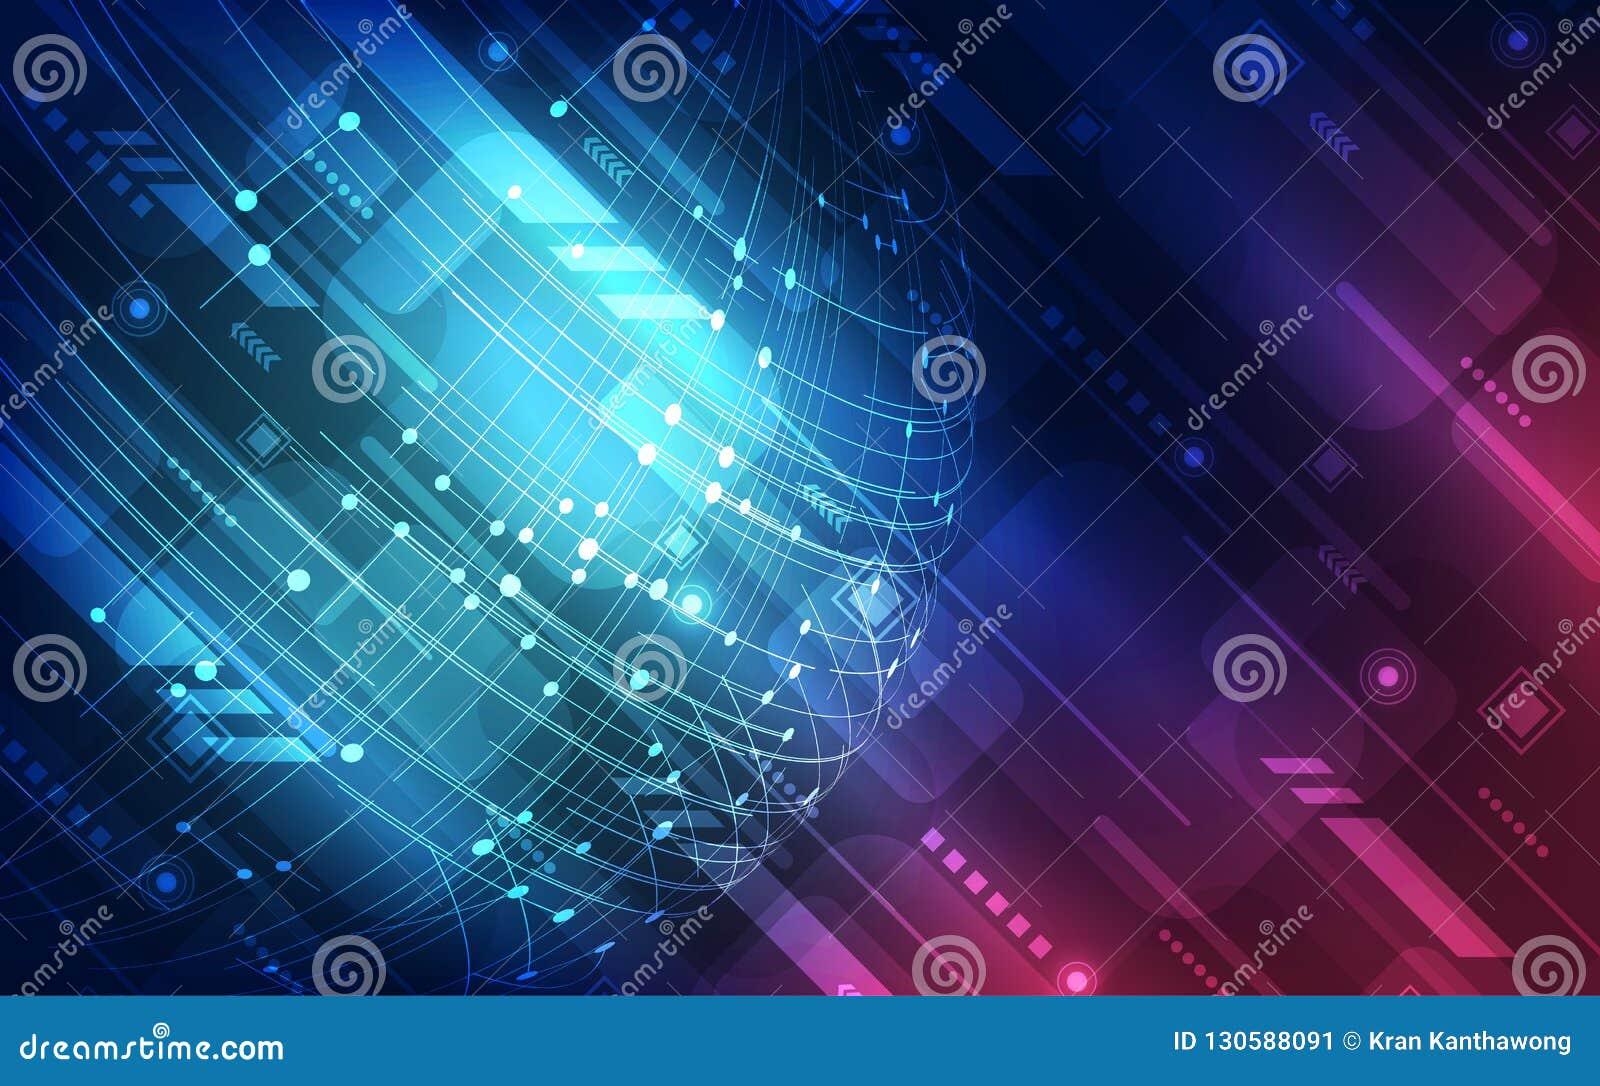 Digitalt snabbt globalt teknologibegrepp för vektor, abstrakt bakgrund